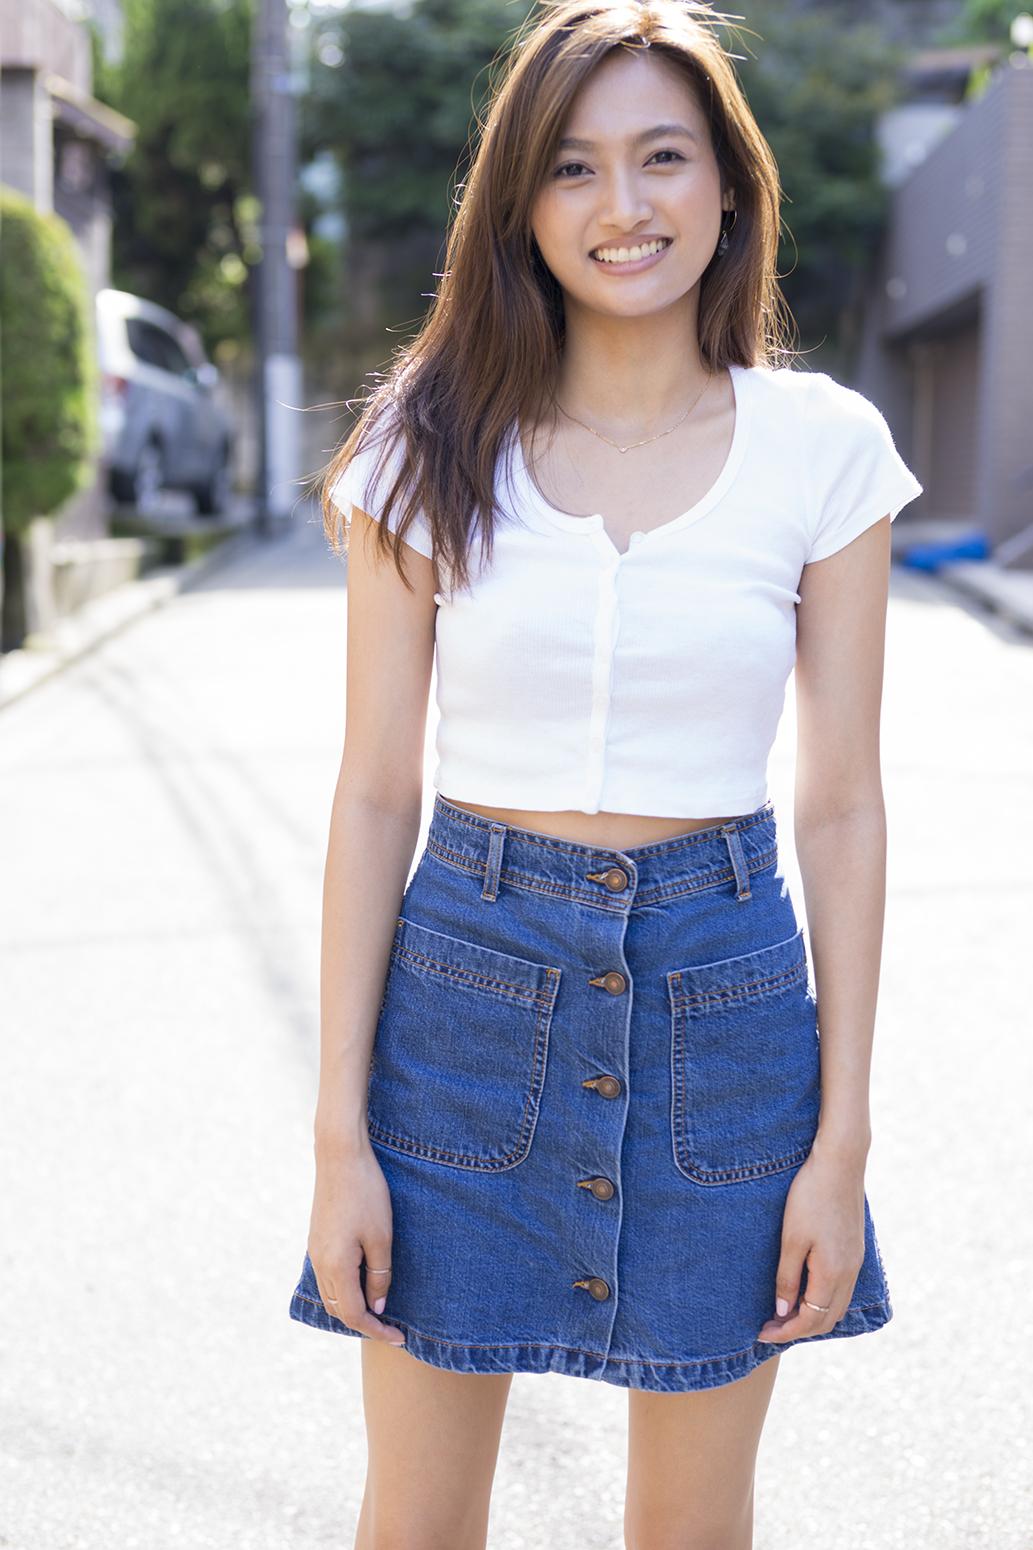 香川沙耶の画像 p1_40